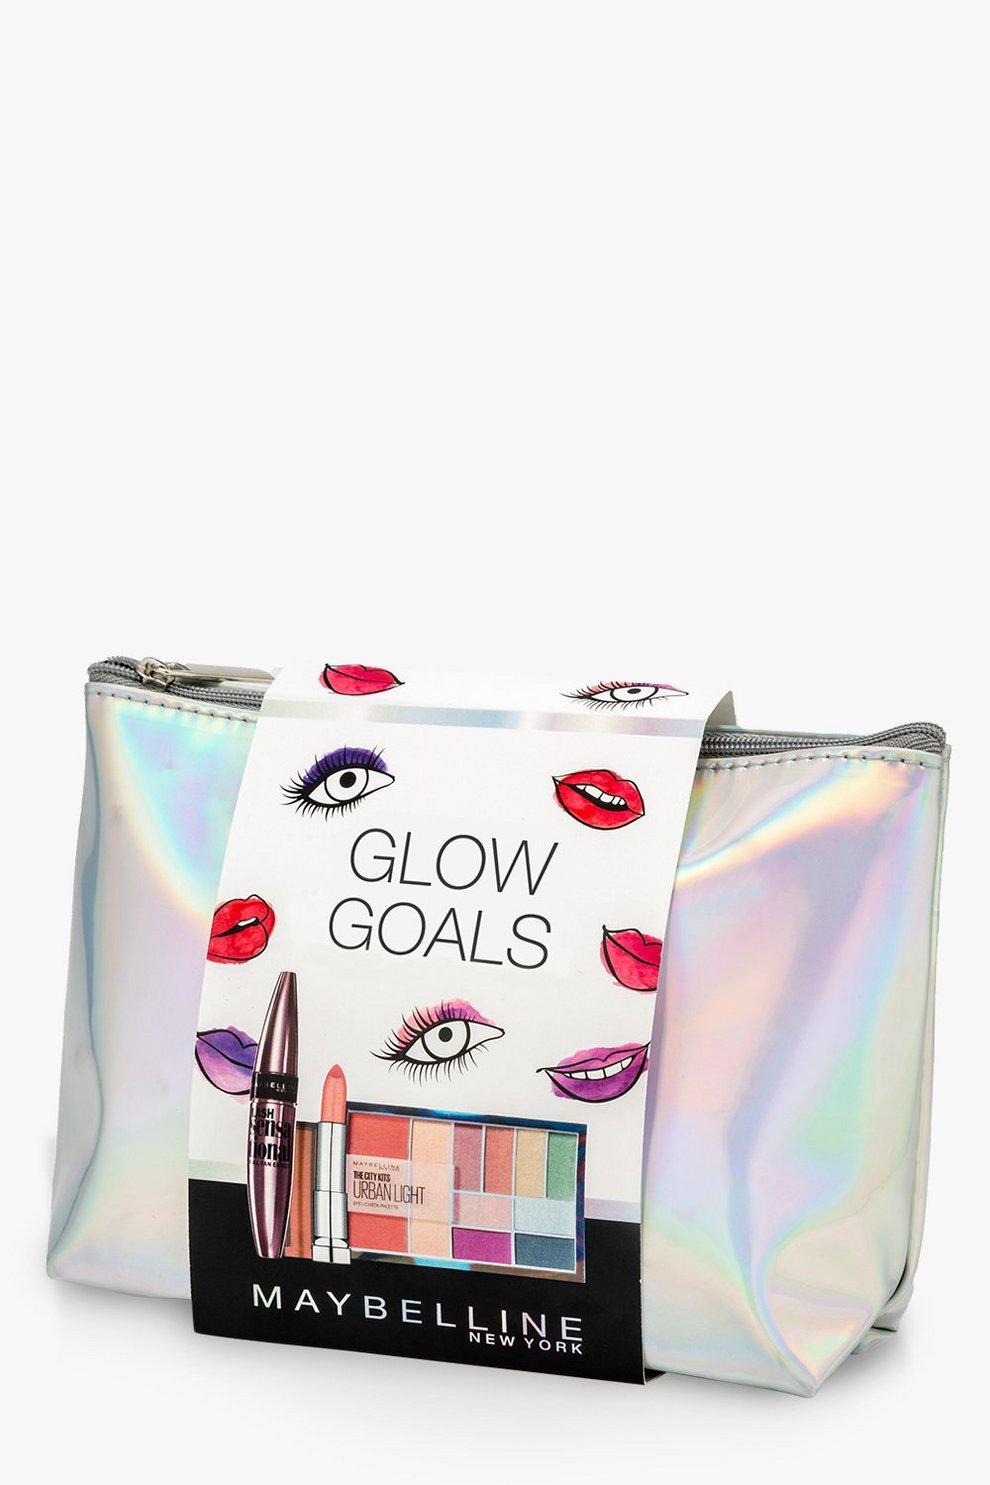 Maybelline Glow Goals Christmas Gift Set | Boohoo